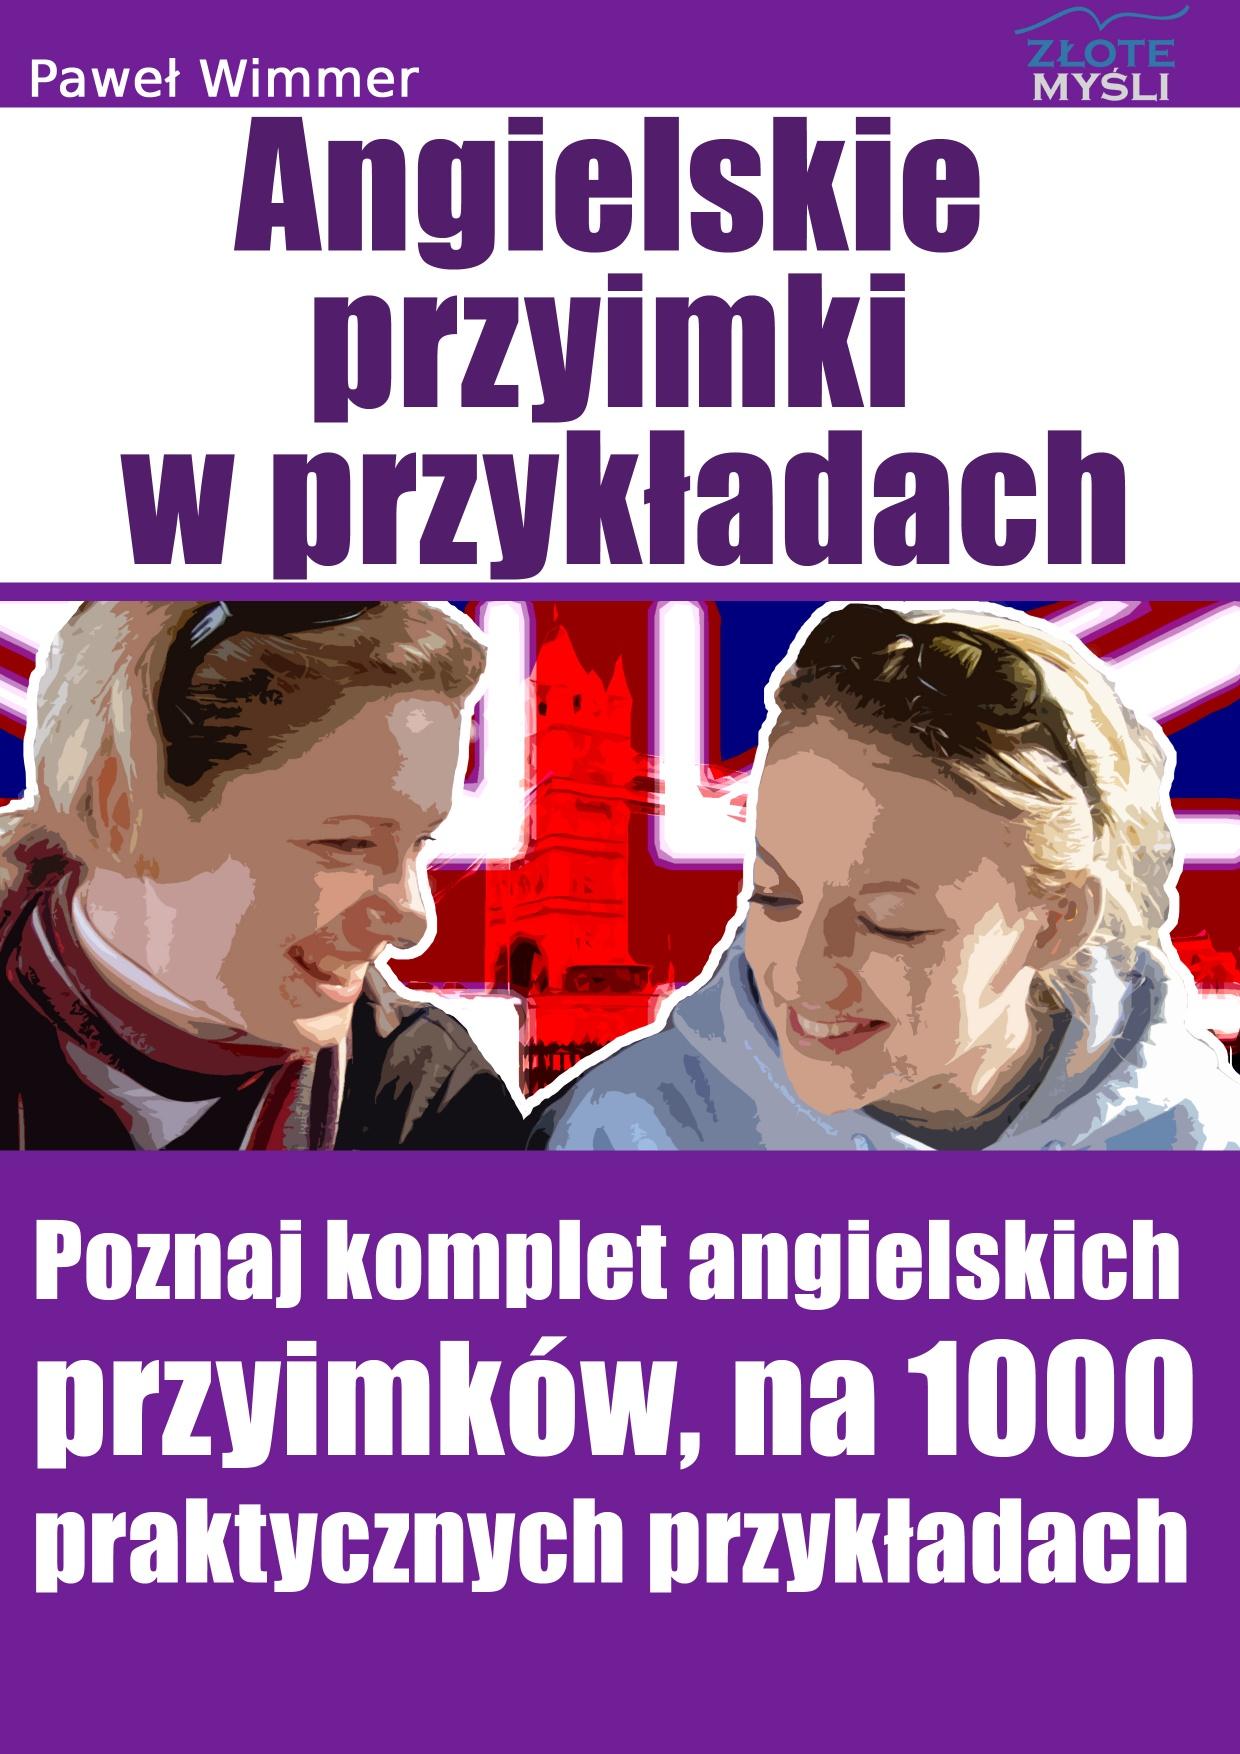 Paweł Wimmer: Angielskie przyimki (prepositions) - okładka